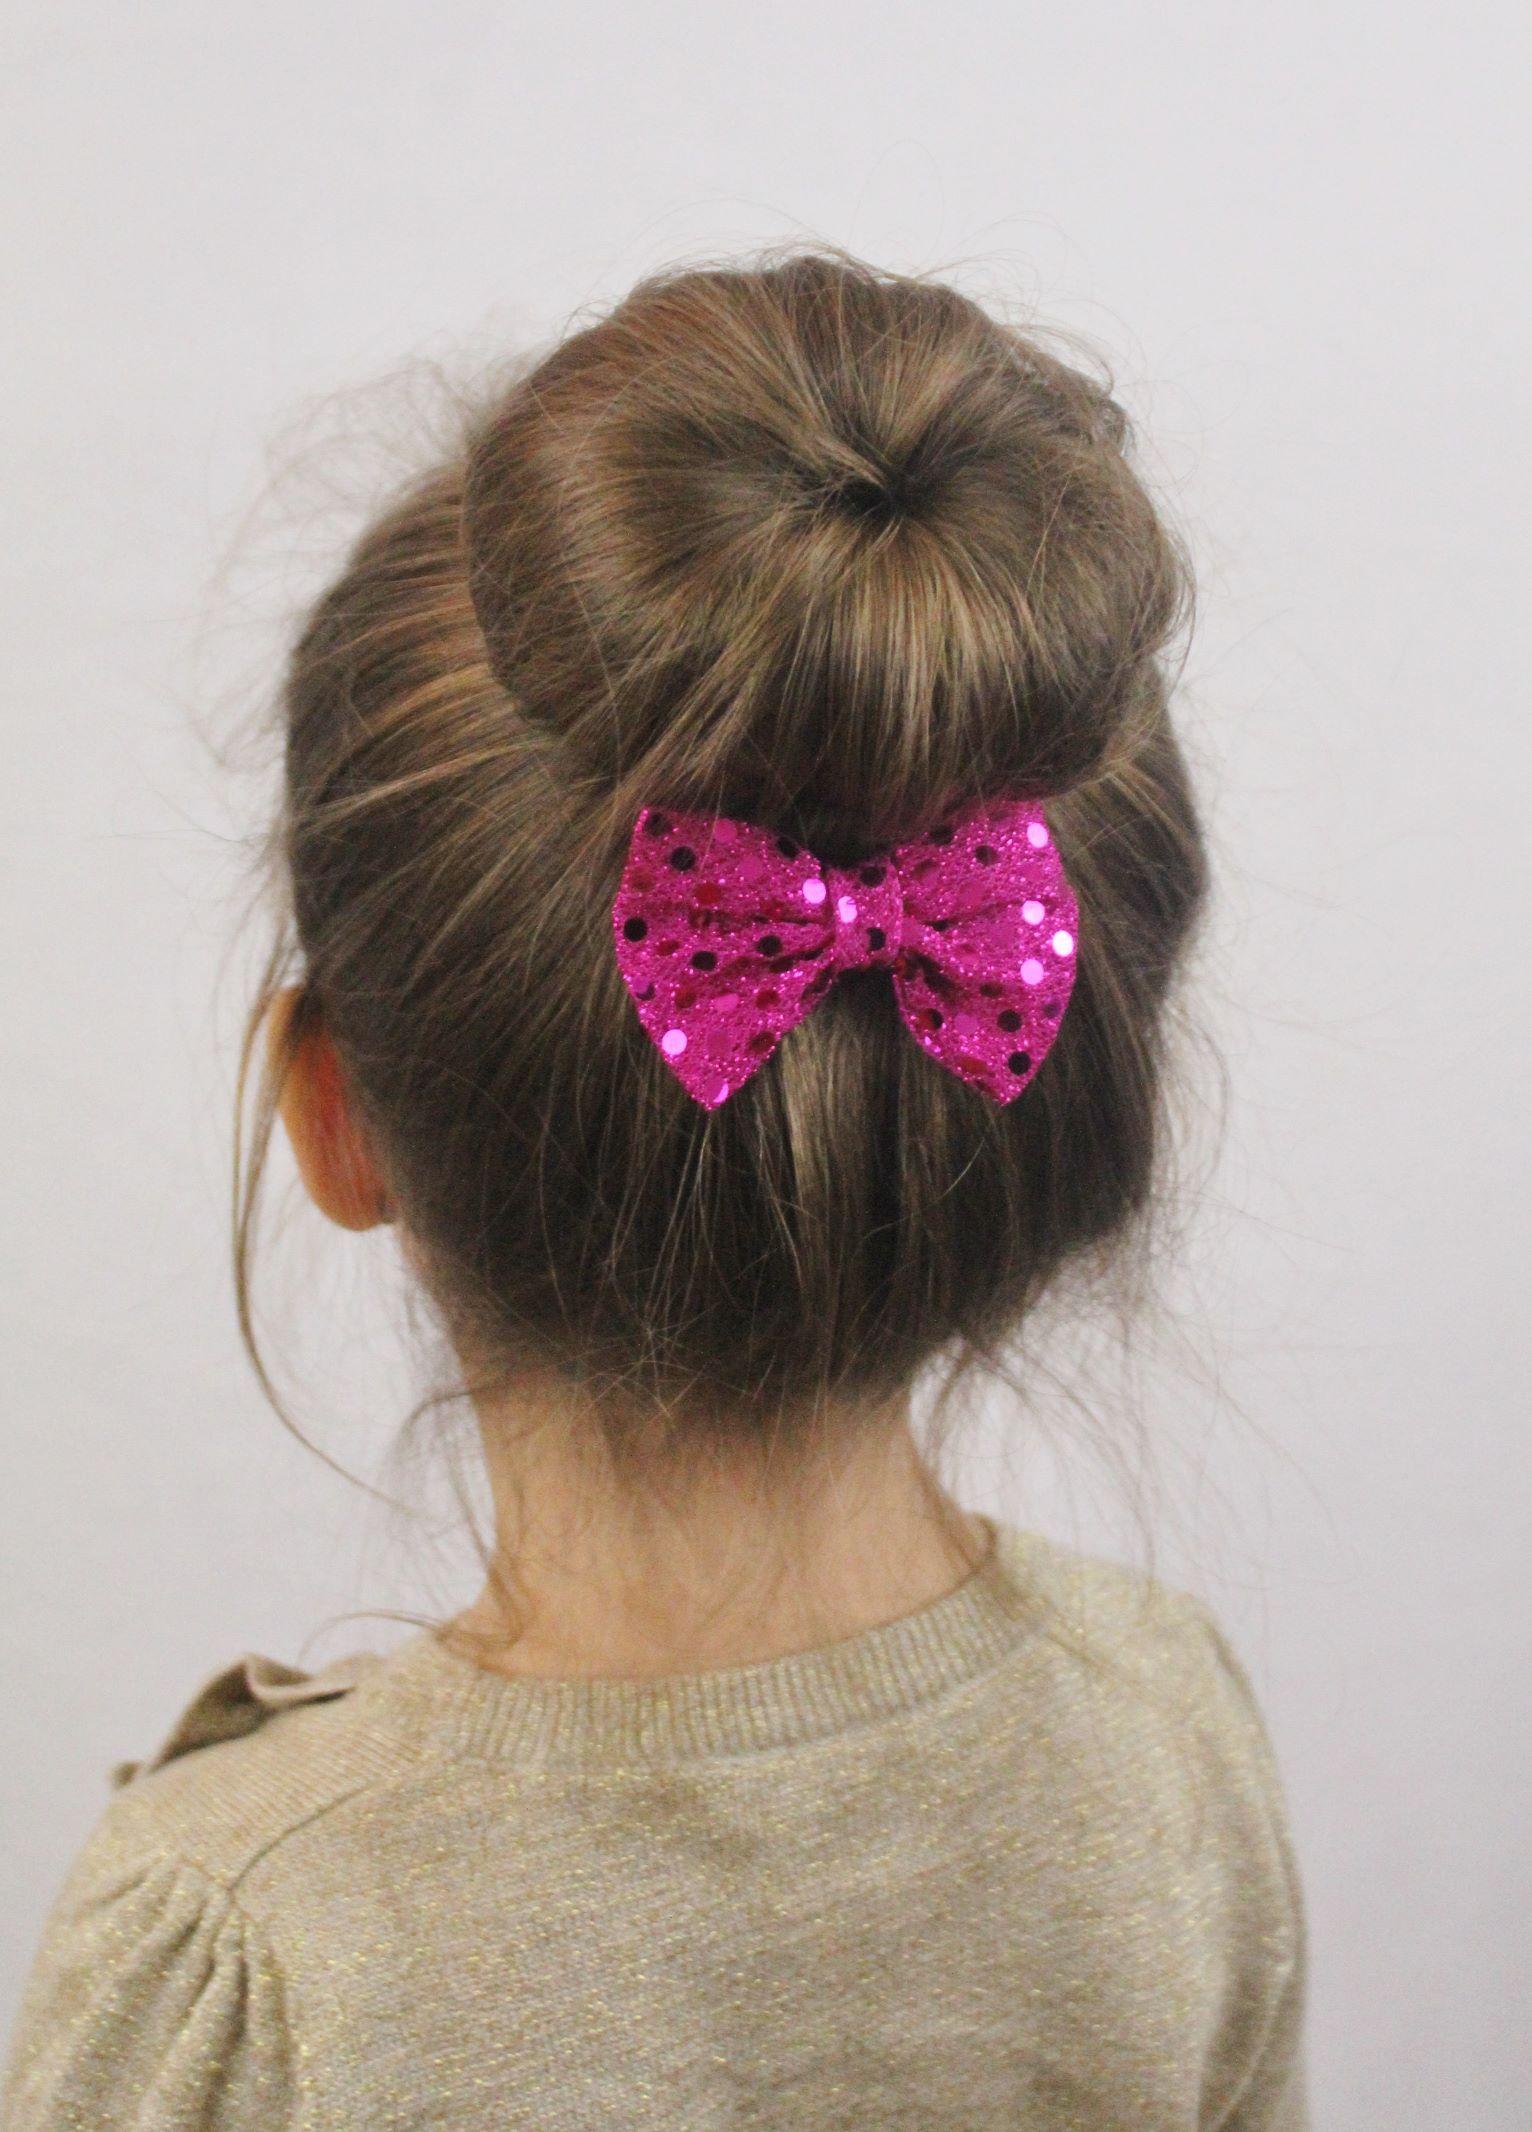 Inspirierend Schöne Frisuren Für Mädchen Beste Wahl Sock Bun Video Tutorial Schöne Frisuren, Niedliche